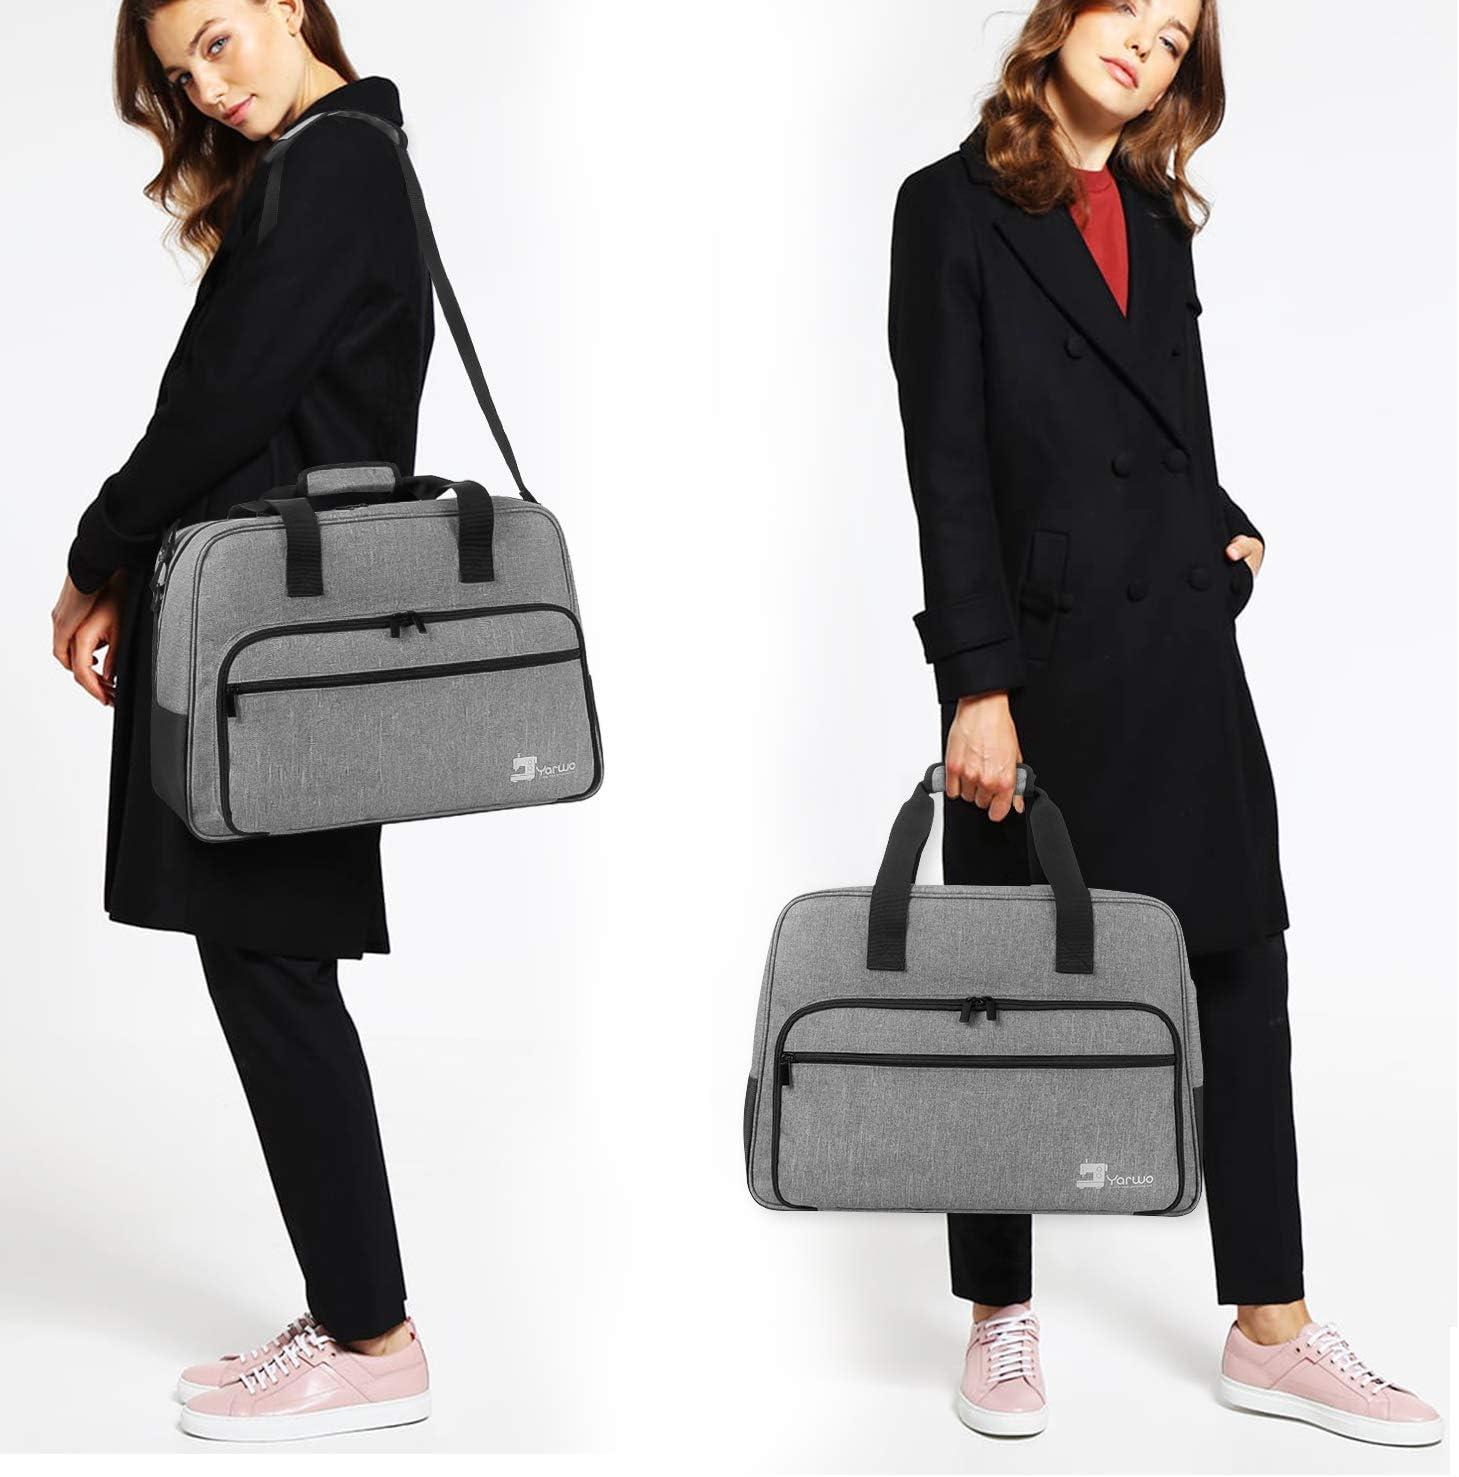 Grey Yarwo Overlocker Bag and Overlocker Accessories Universal Overlocker Machine Bag for Overlocker Fits for Most Major Overlocker Sewing Machine Overlocker Carry Case